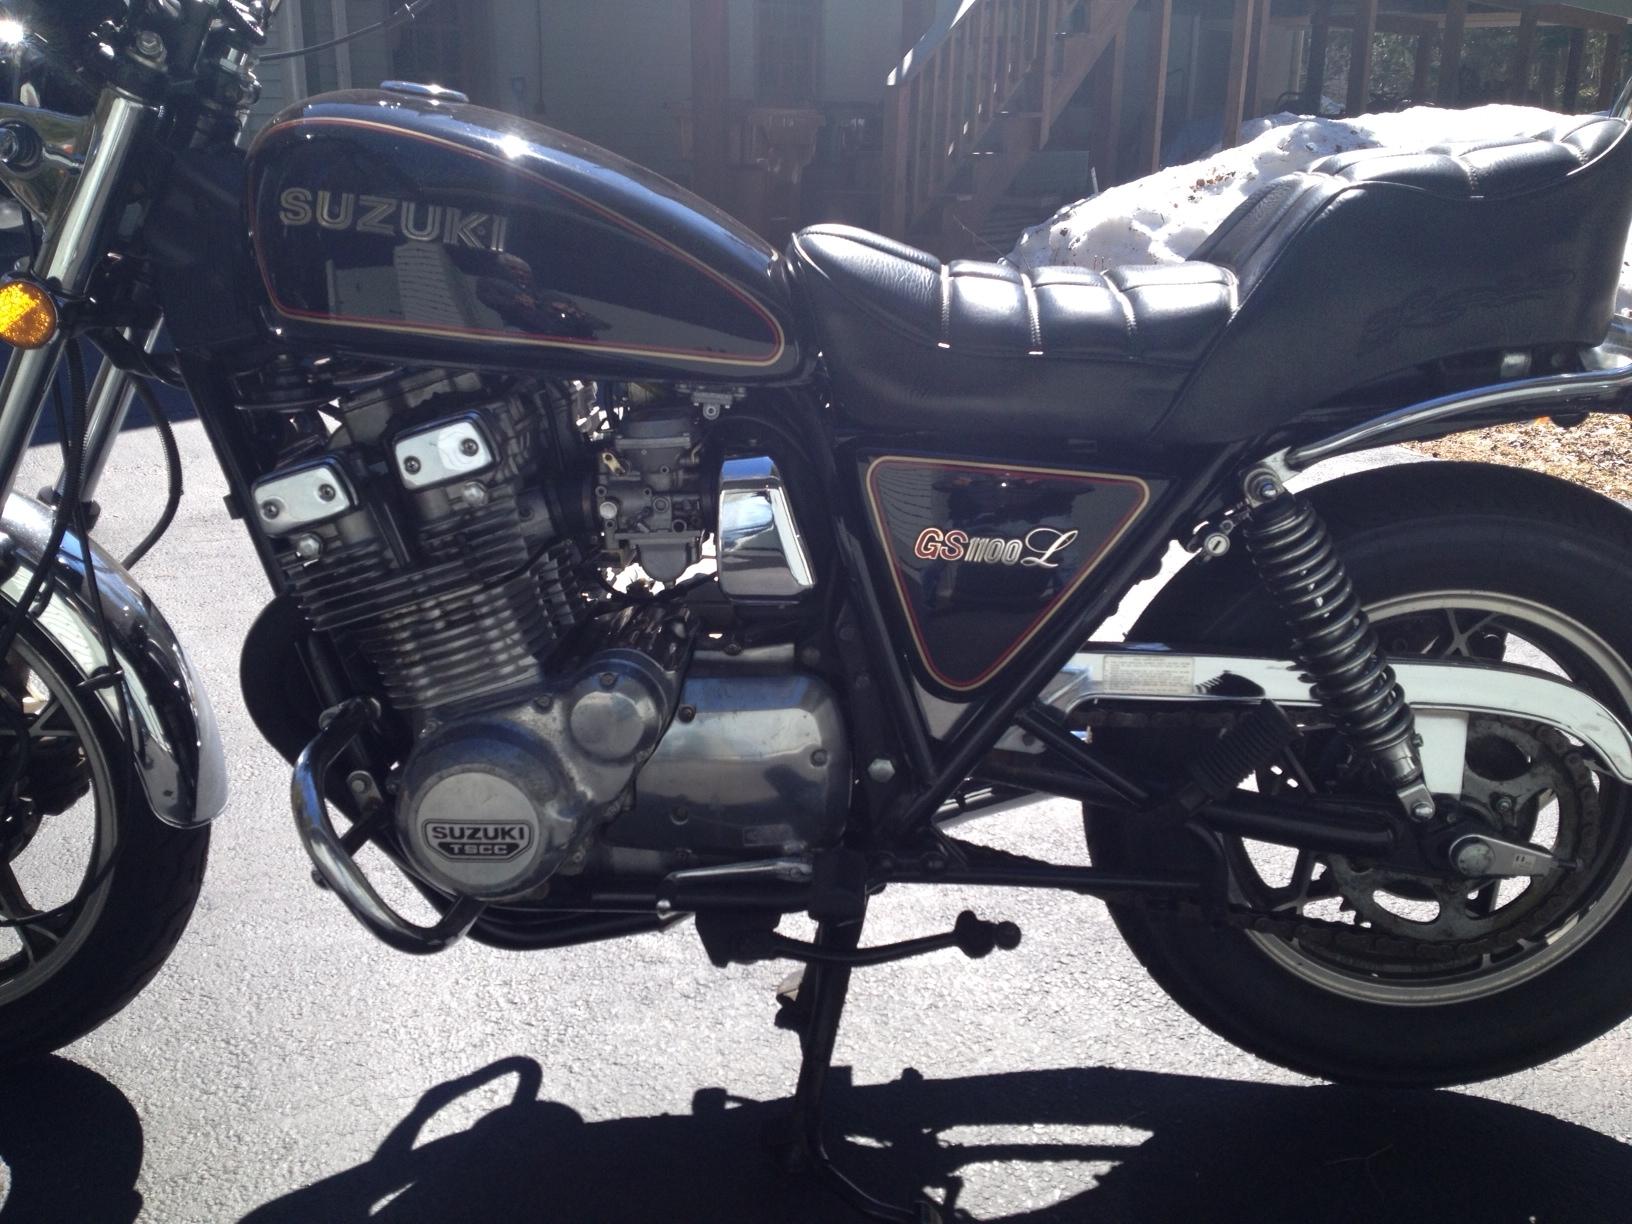 1980 suzuki gs1100l lowrider